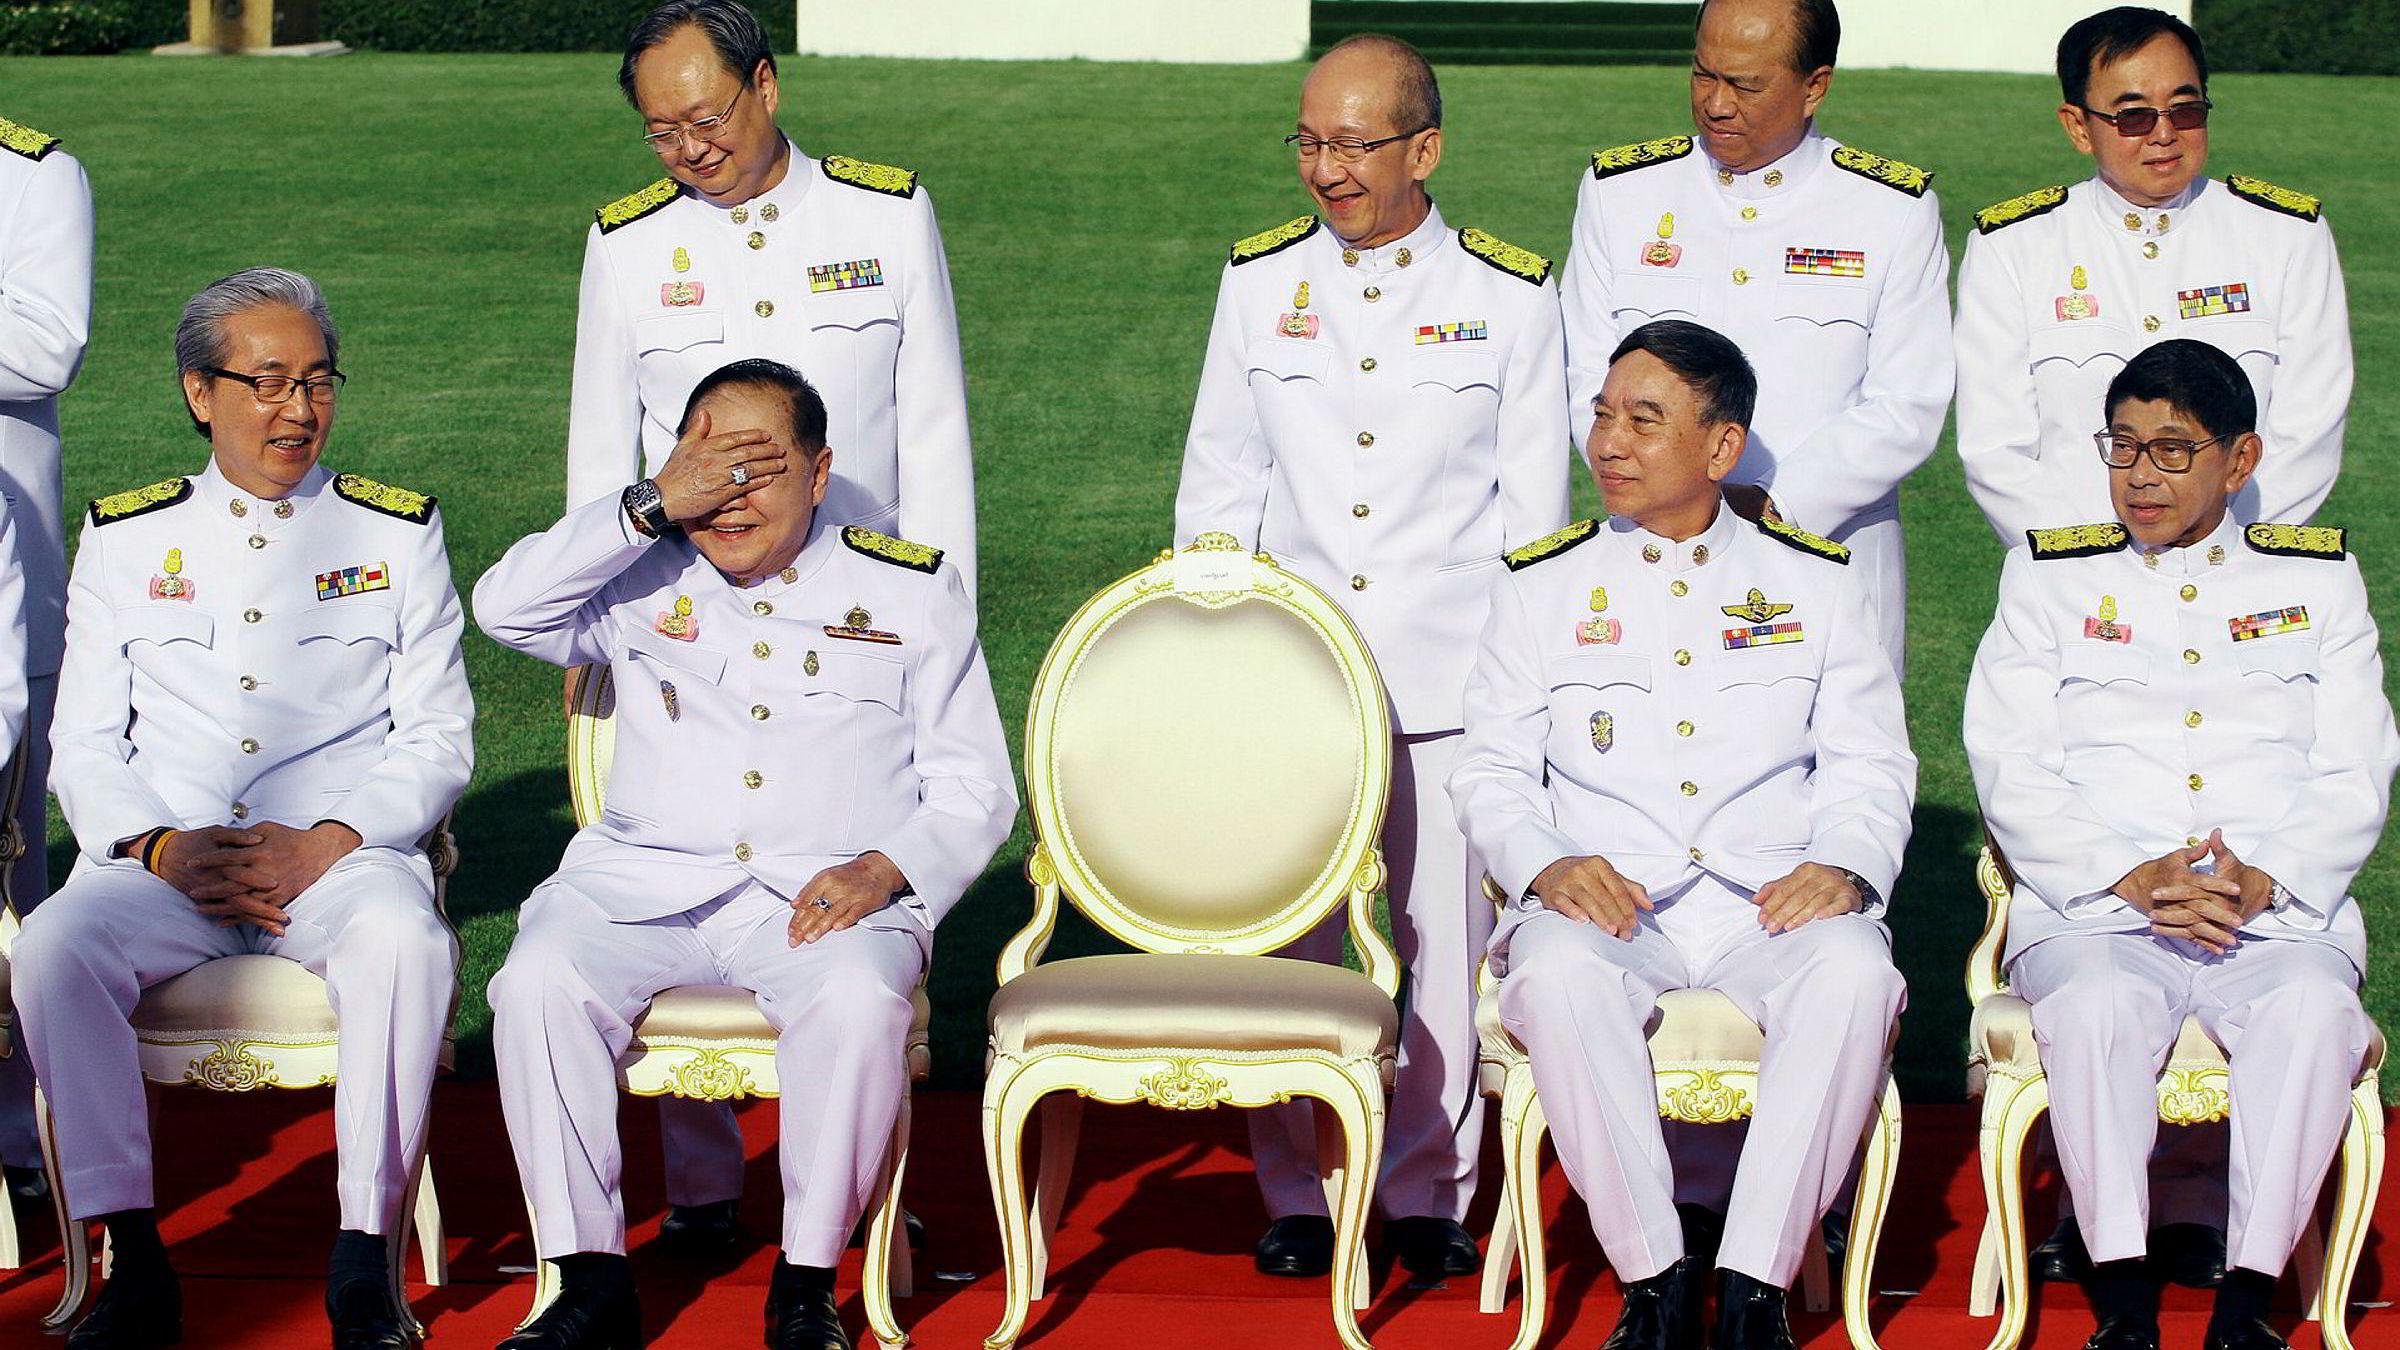 Da den thailandske militærjuntaen tok gruppefoto i desember i fjor, holdt visestatsminister og forsvarsminister Prawit Wongsuwan opp hånden for å skjerme seg mot solen, og dermed fanget fotografene opp en svinedyr klokke av merket Richard Mille.